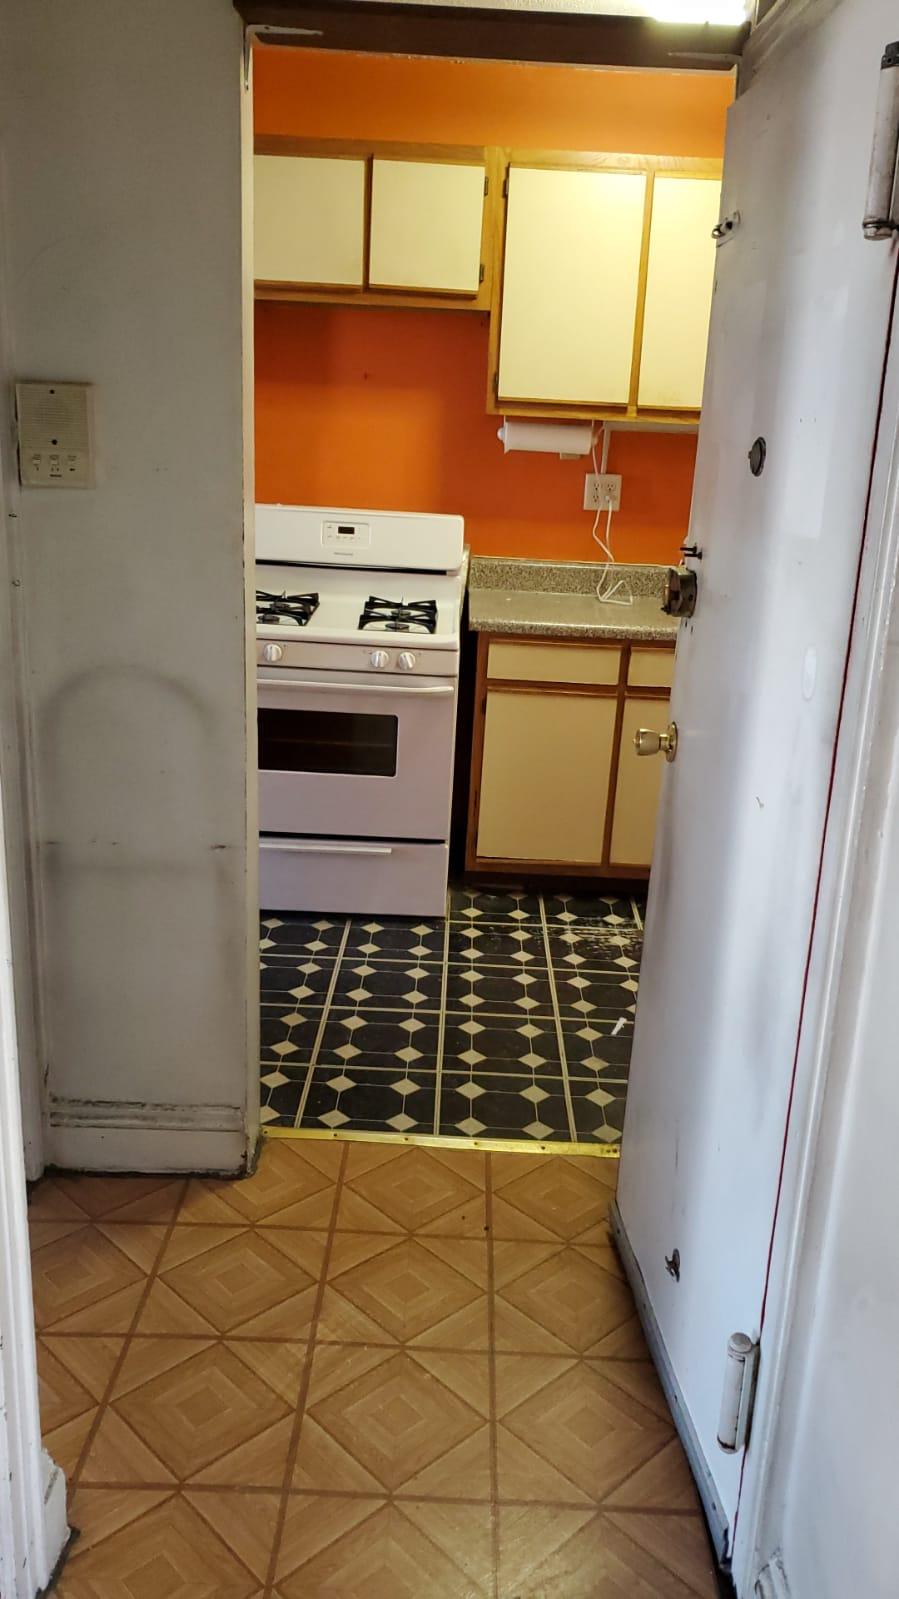 434 W 38th Apt #4B Une Opportunité de loyer stabilisée dans le coeur du Hudson Yards, 2 Chbr Pas de Frais!!